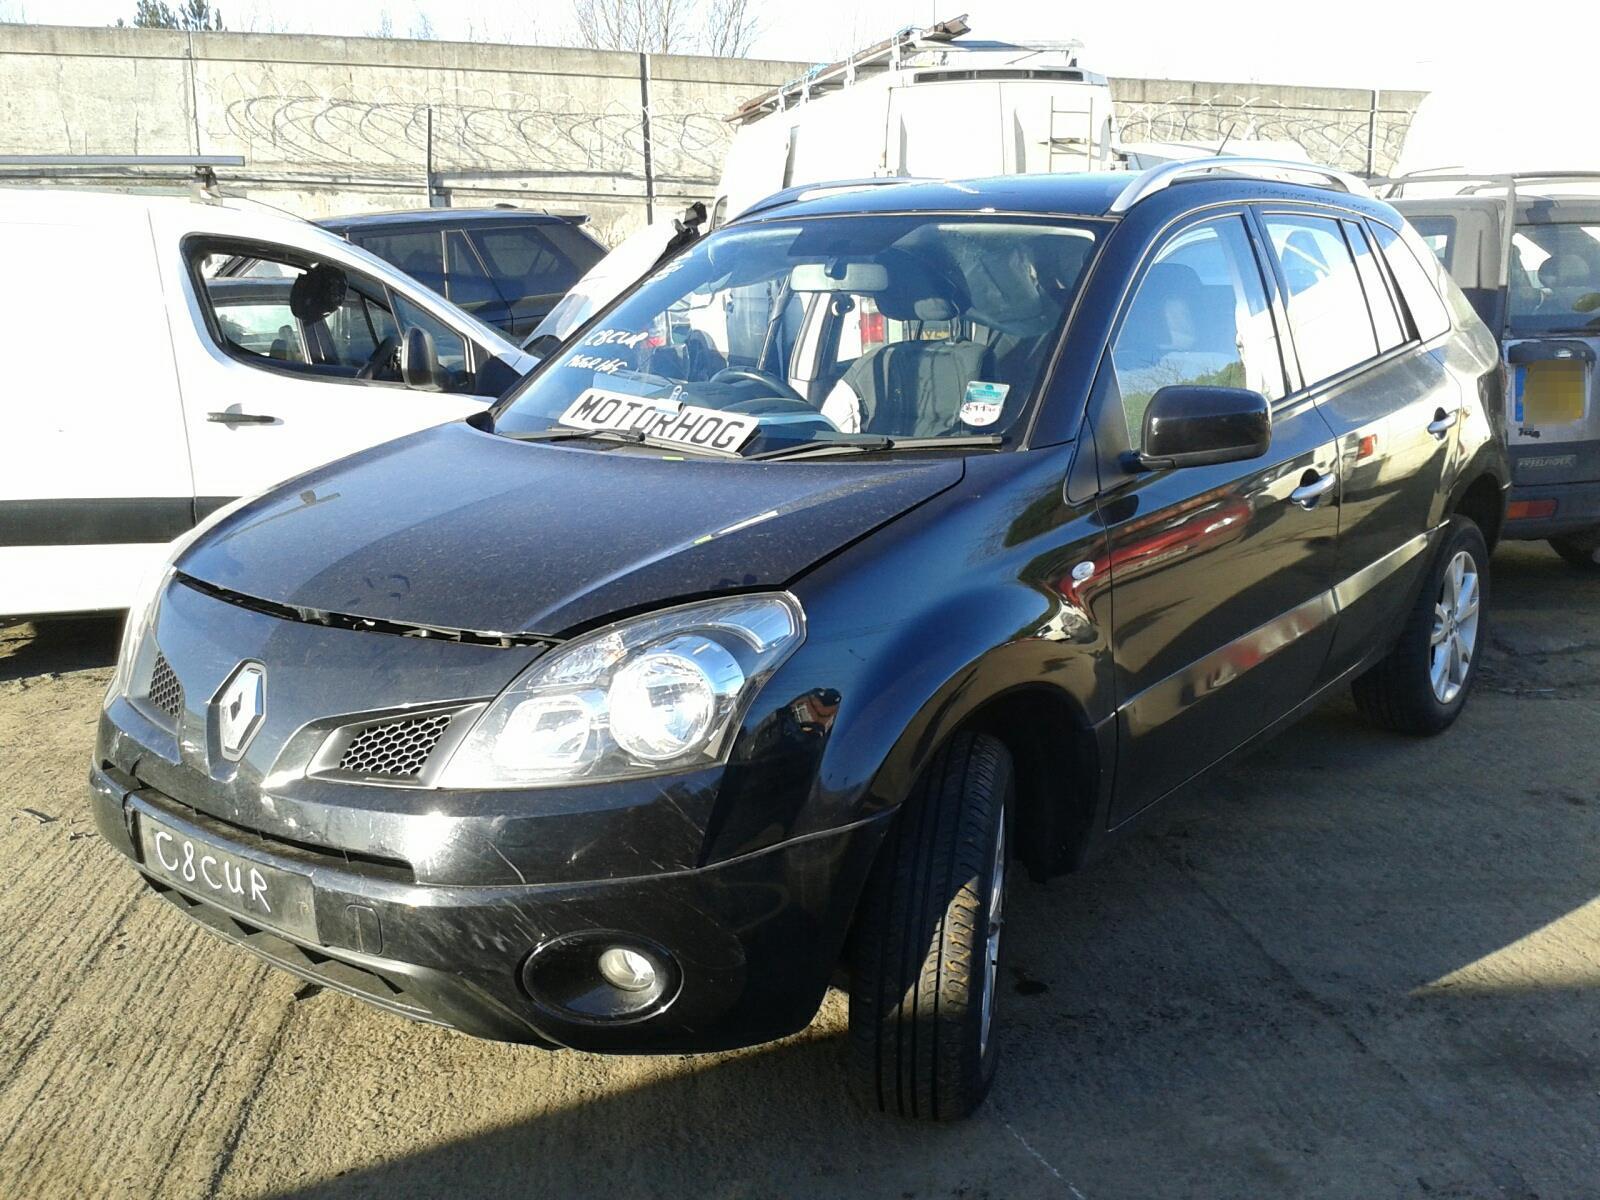 ... Renault Koleos 2008 To 2010 5 Door Hatchback ...